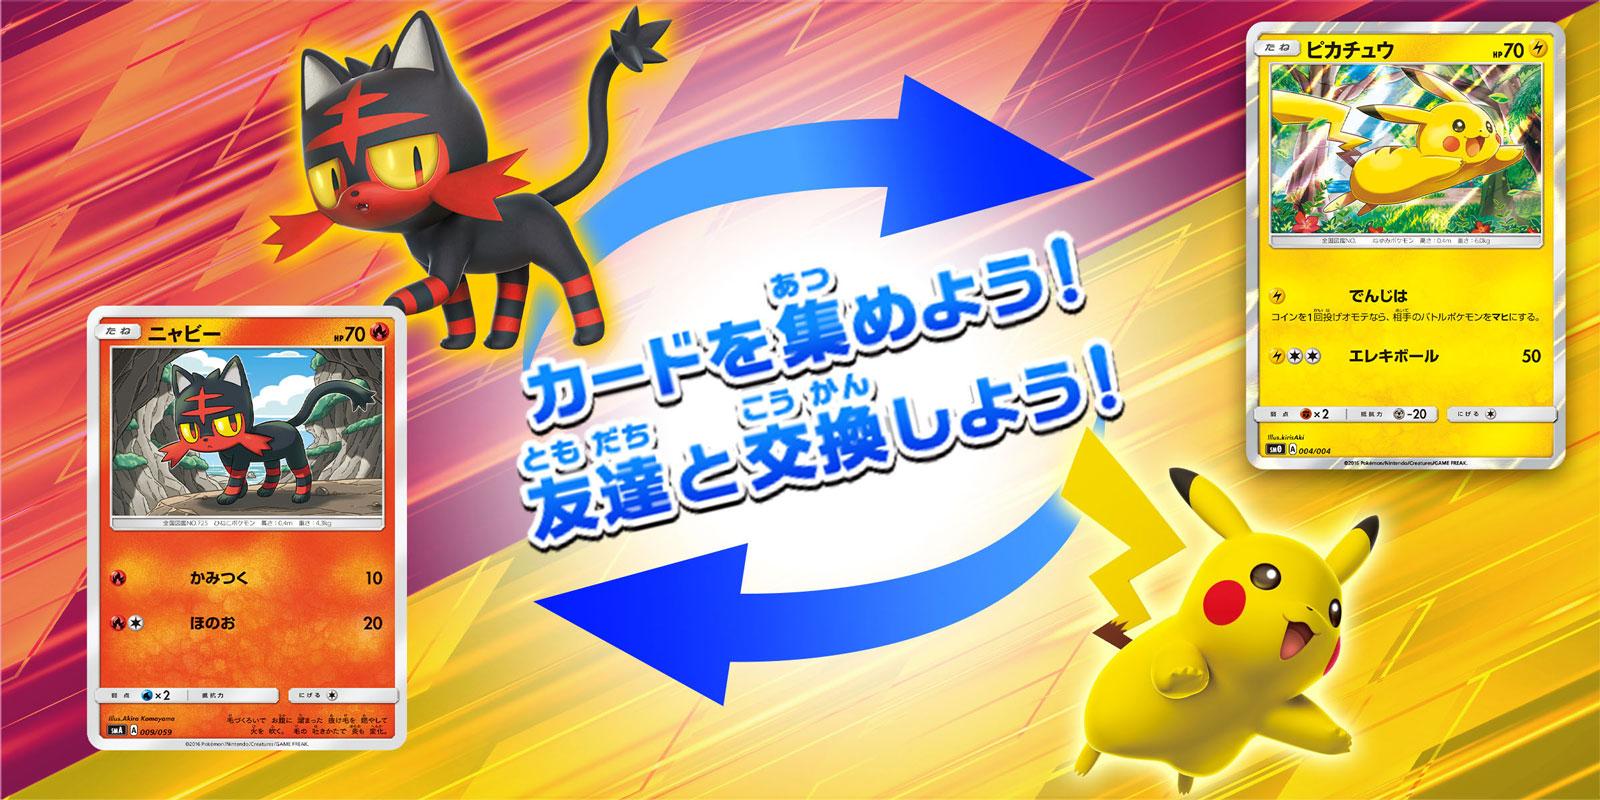 はじめよう!ポケモンカード | ポケモンカードゲーム公式ホームページ